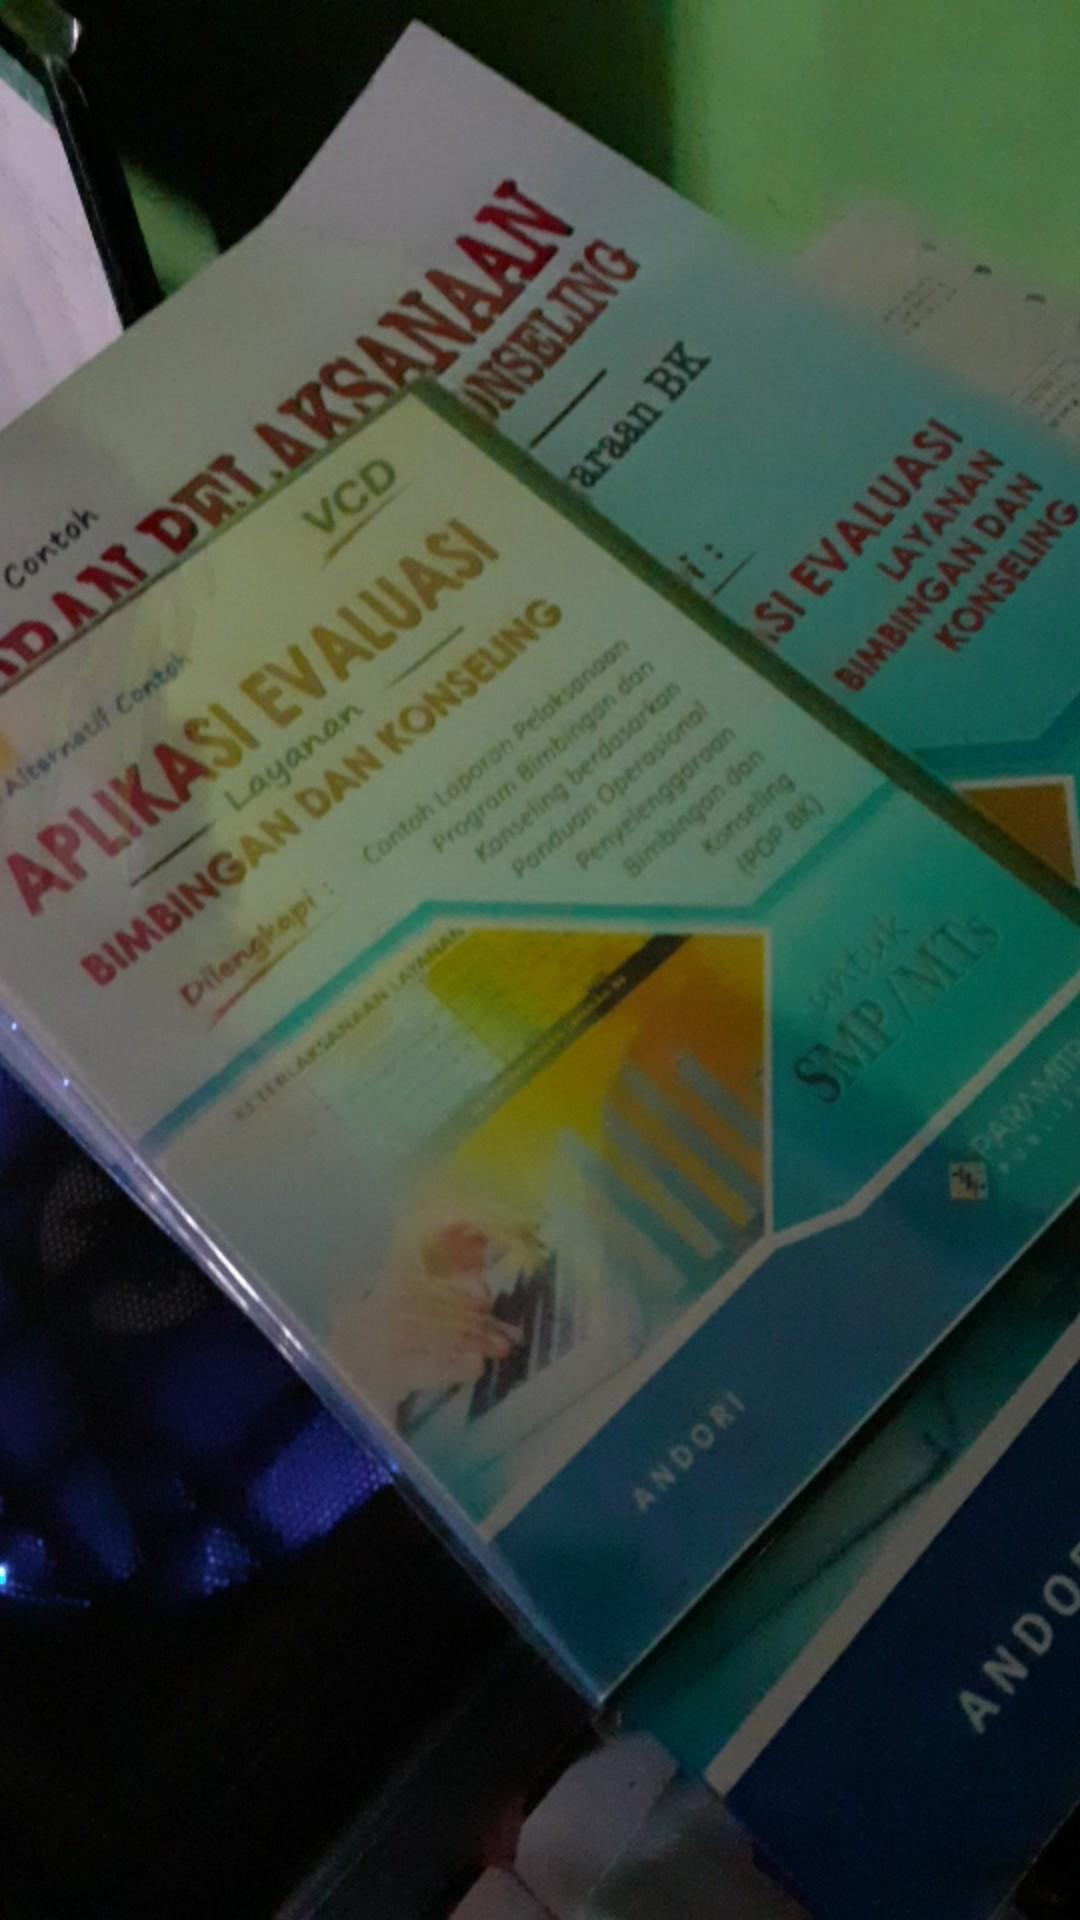 Laporan Dan Evaluasi Program Pop Bk Smp Akreditasi Pohon Karir Pohon Jabatan Shopee Indonesia